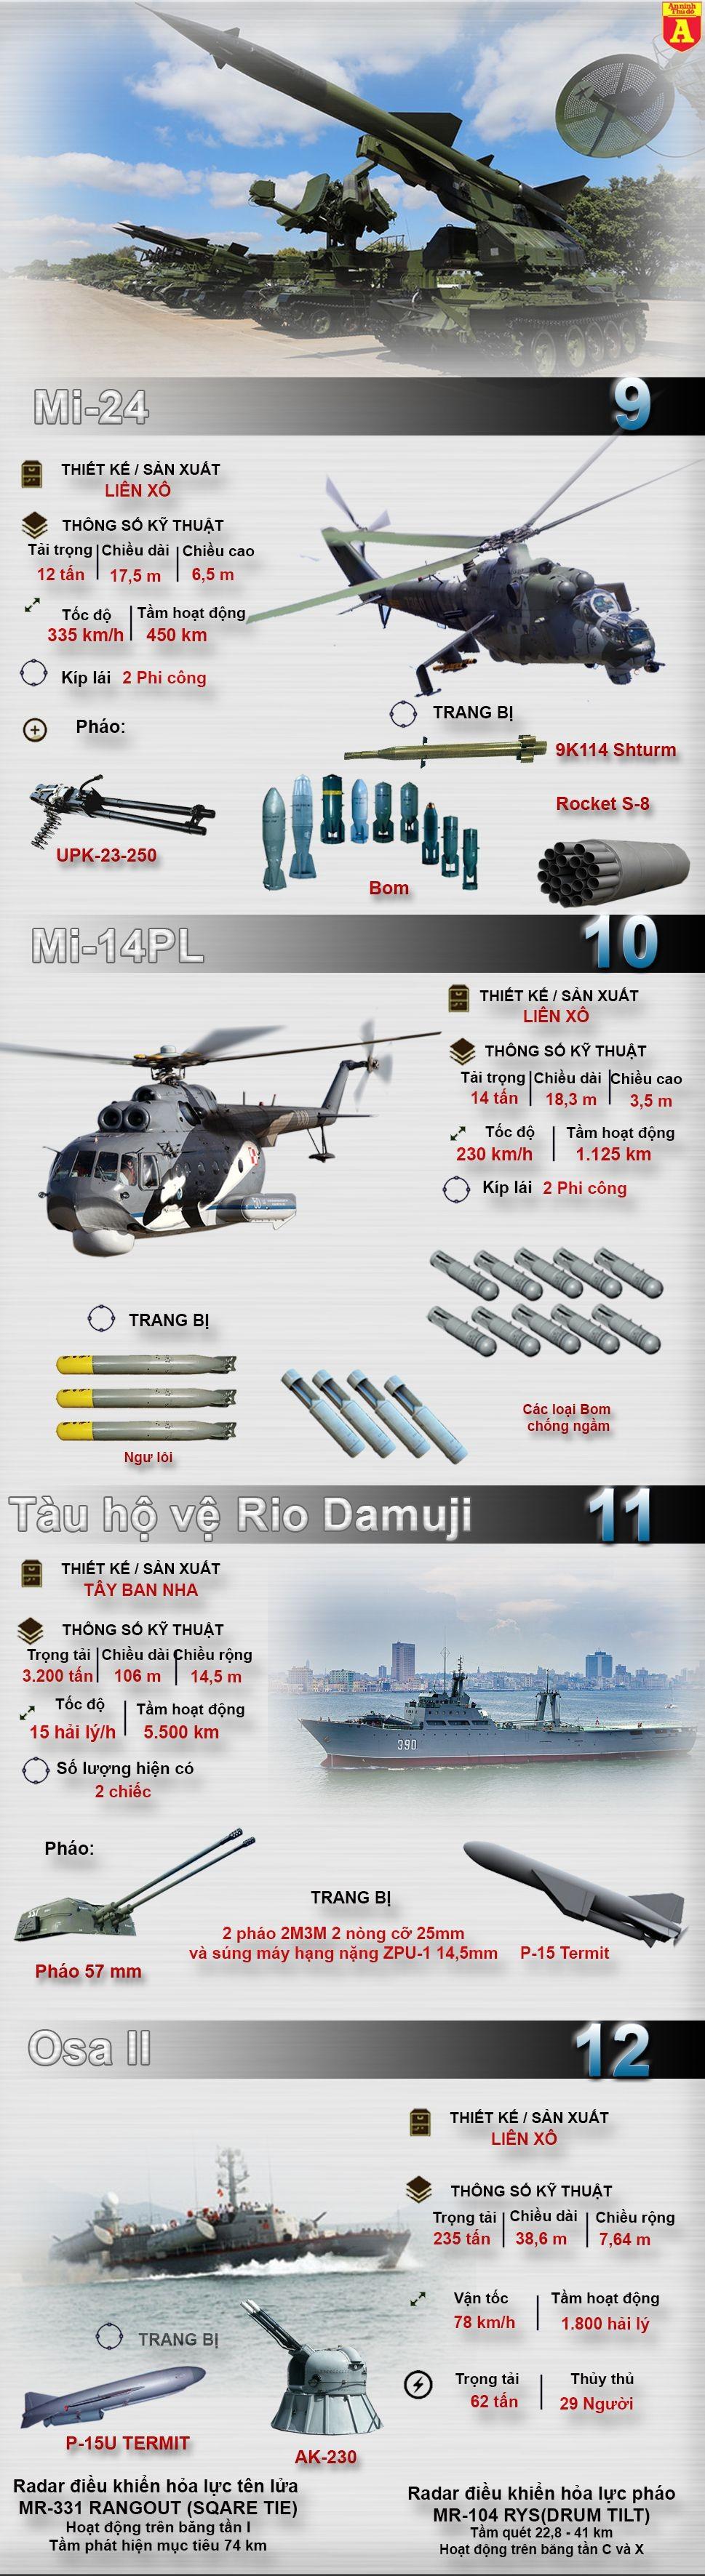 [Infographic] Tiềm lực quân sự đáng gờm của đảo quốc Cuba (3)